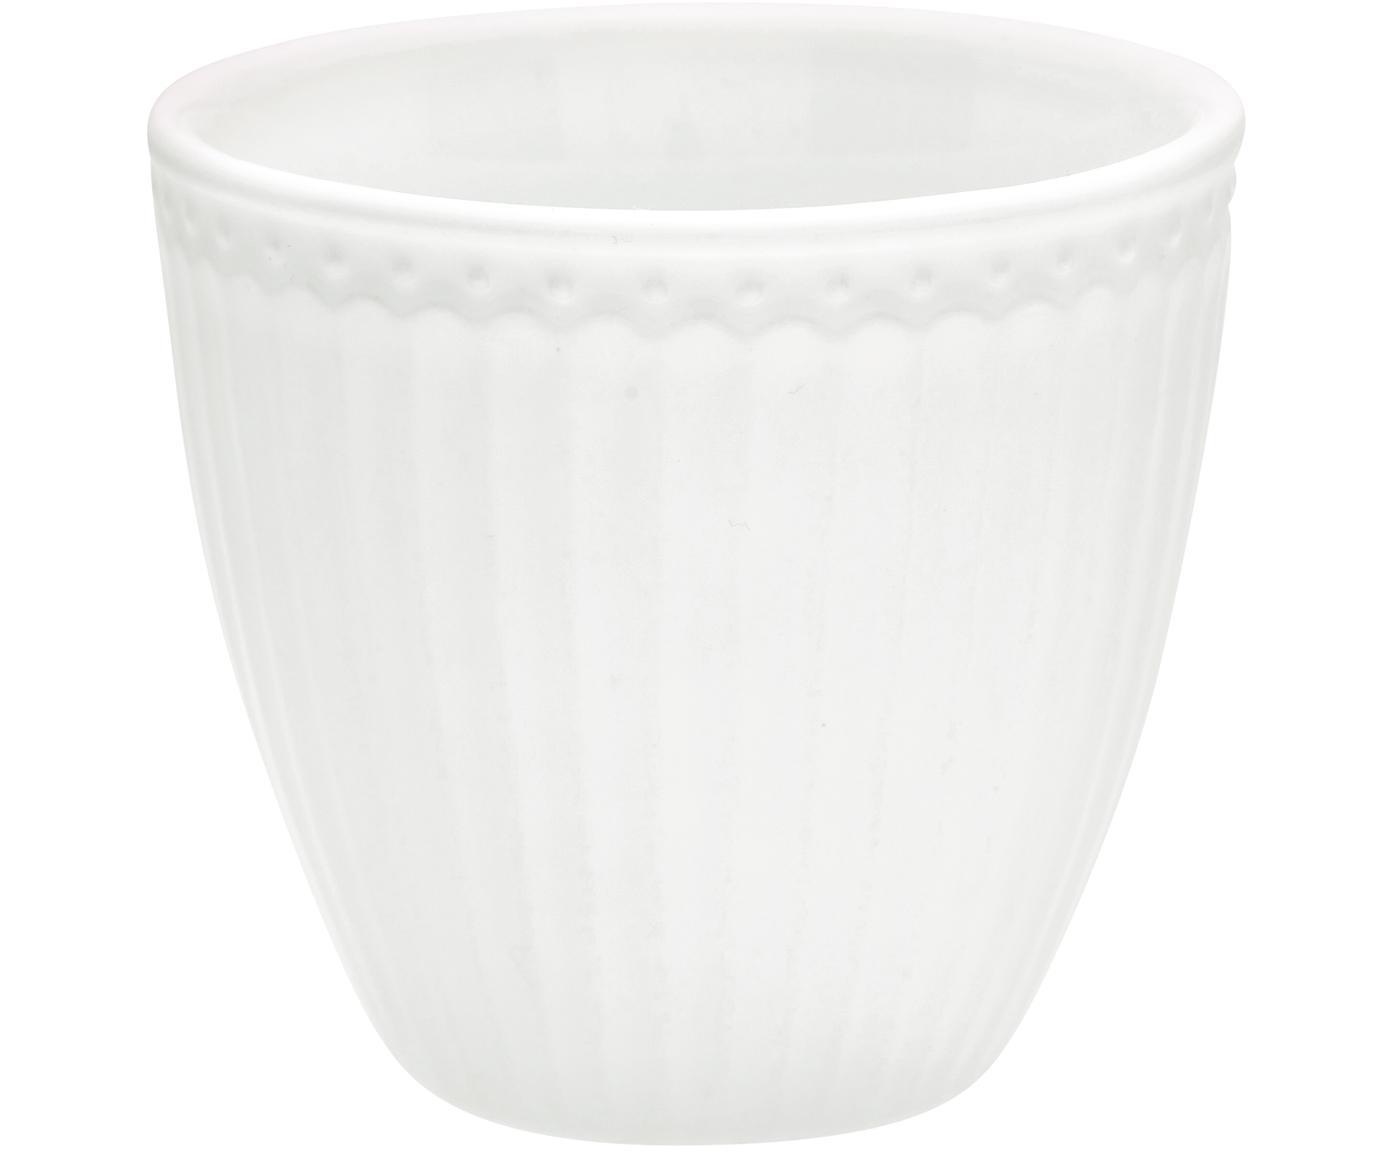 Tazas Alice, 2uds., Porcelana, Blanco, Ø 10 x Al 9 cm